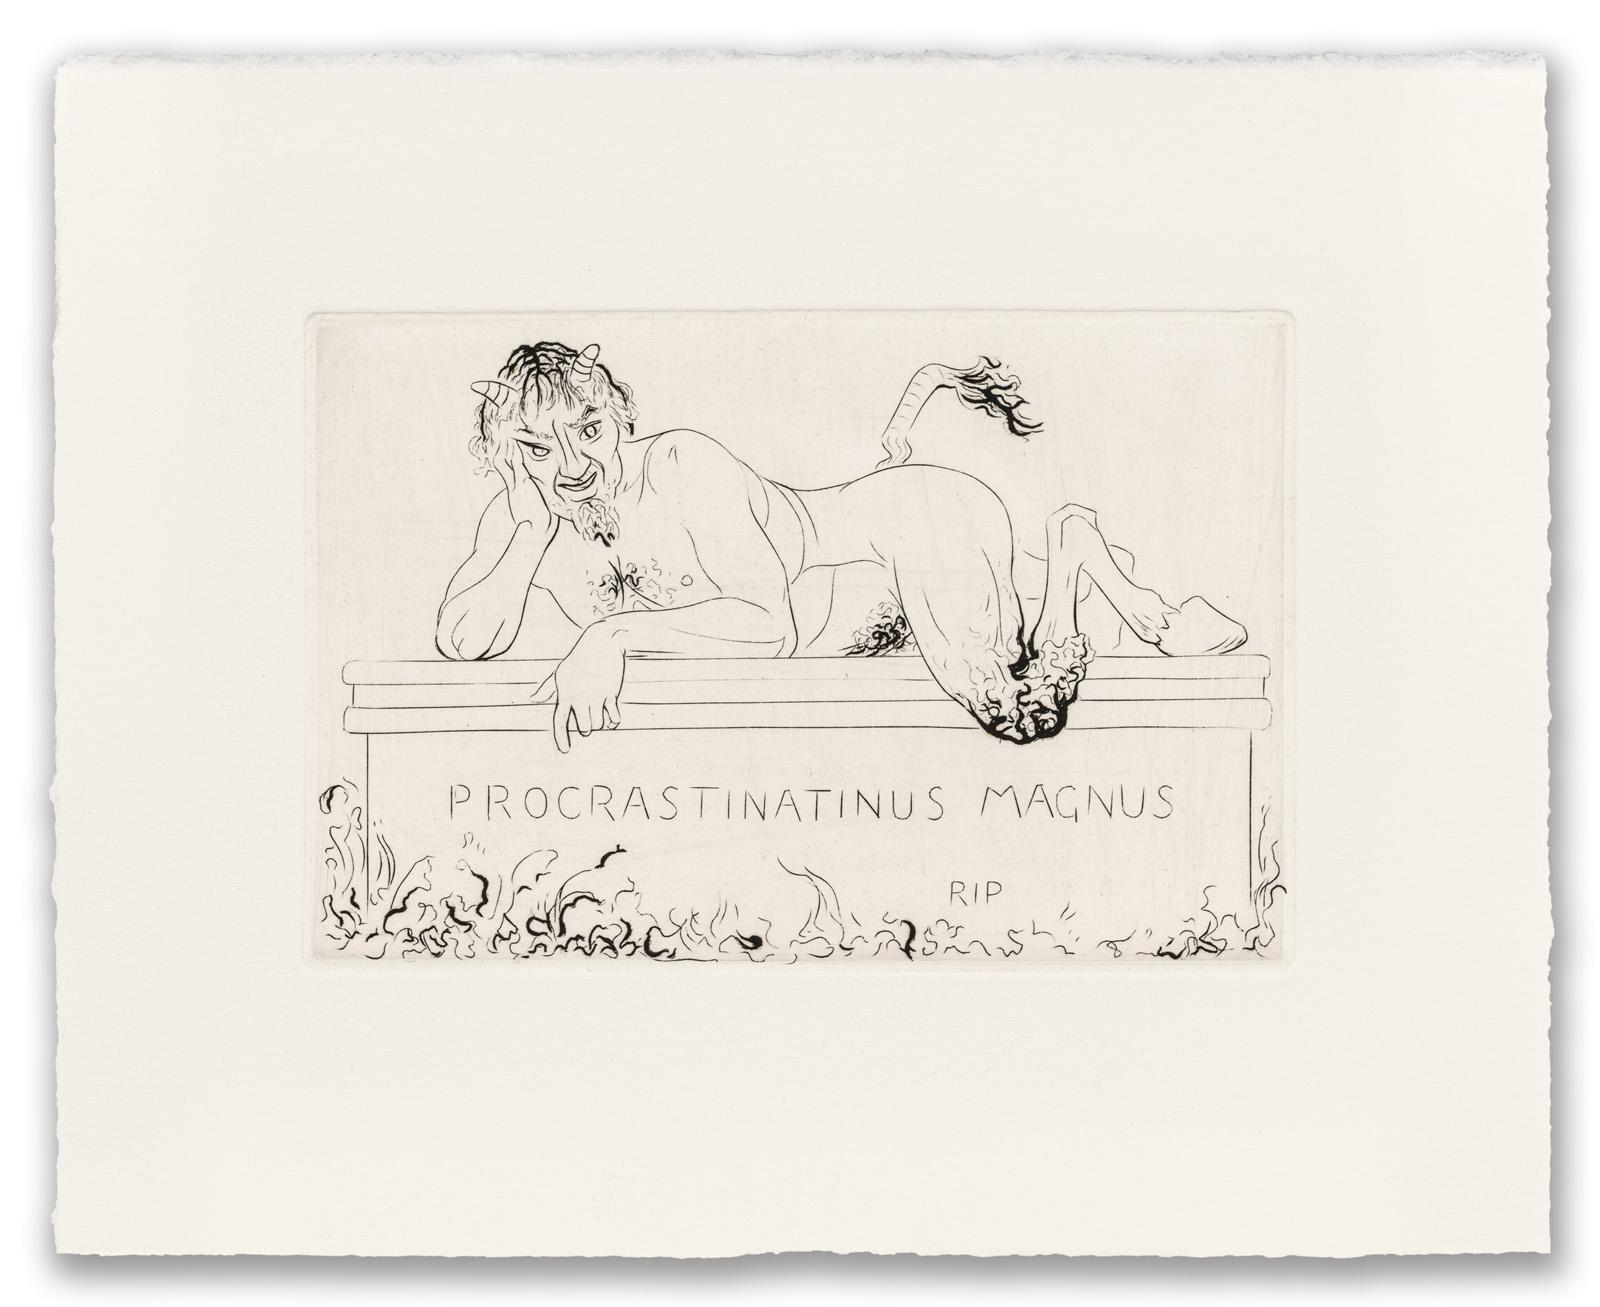 Francis West, (British 1936-2015), Procrastinatinus Magnus, c.1979 (2017 Edition).